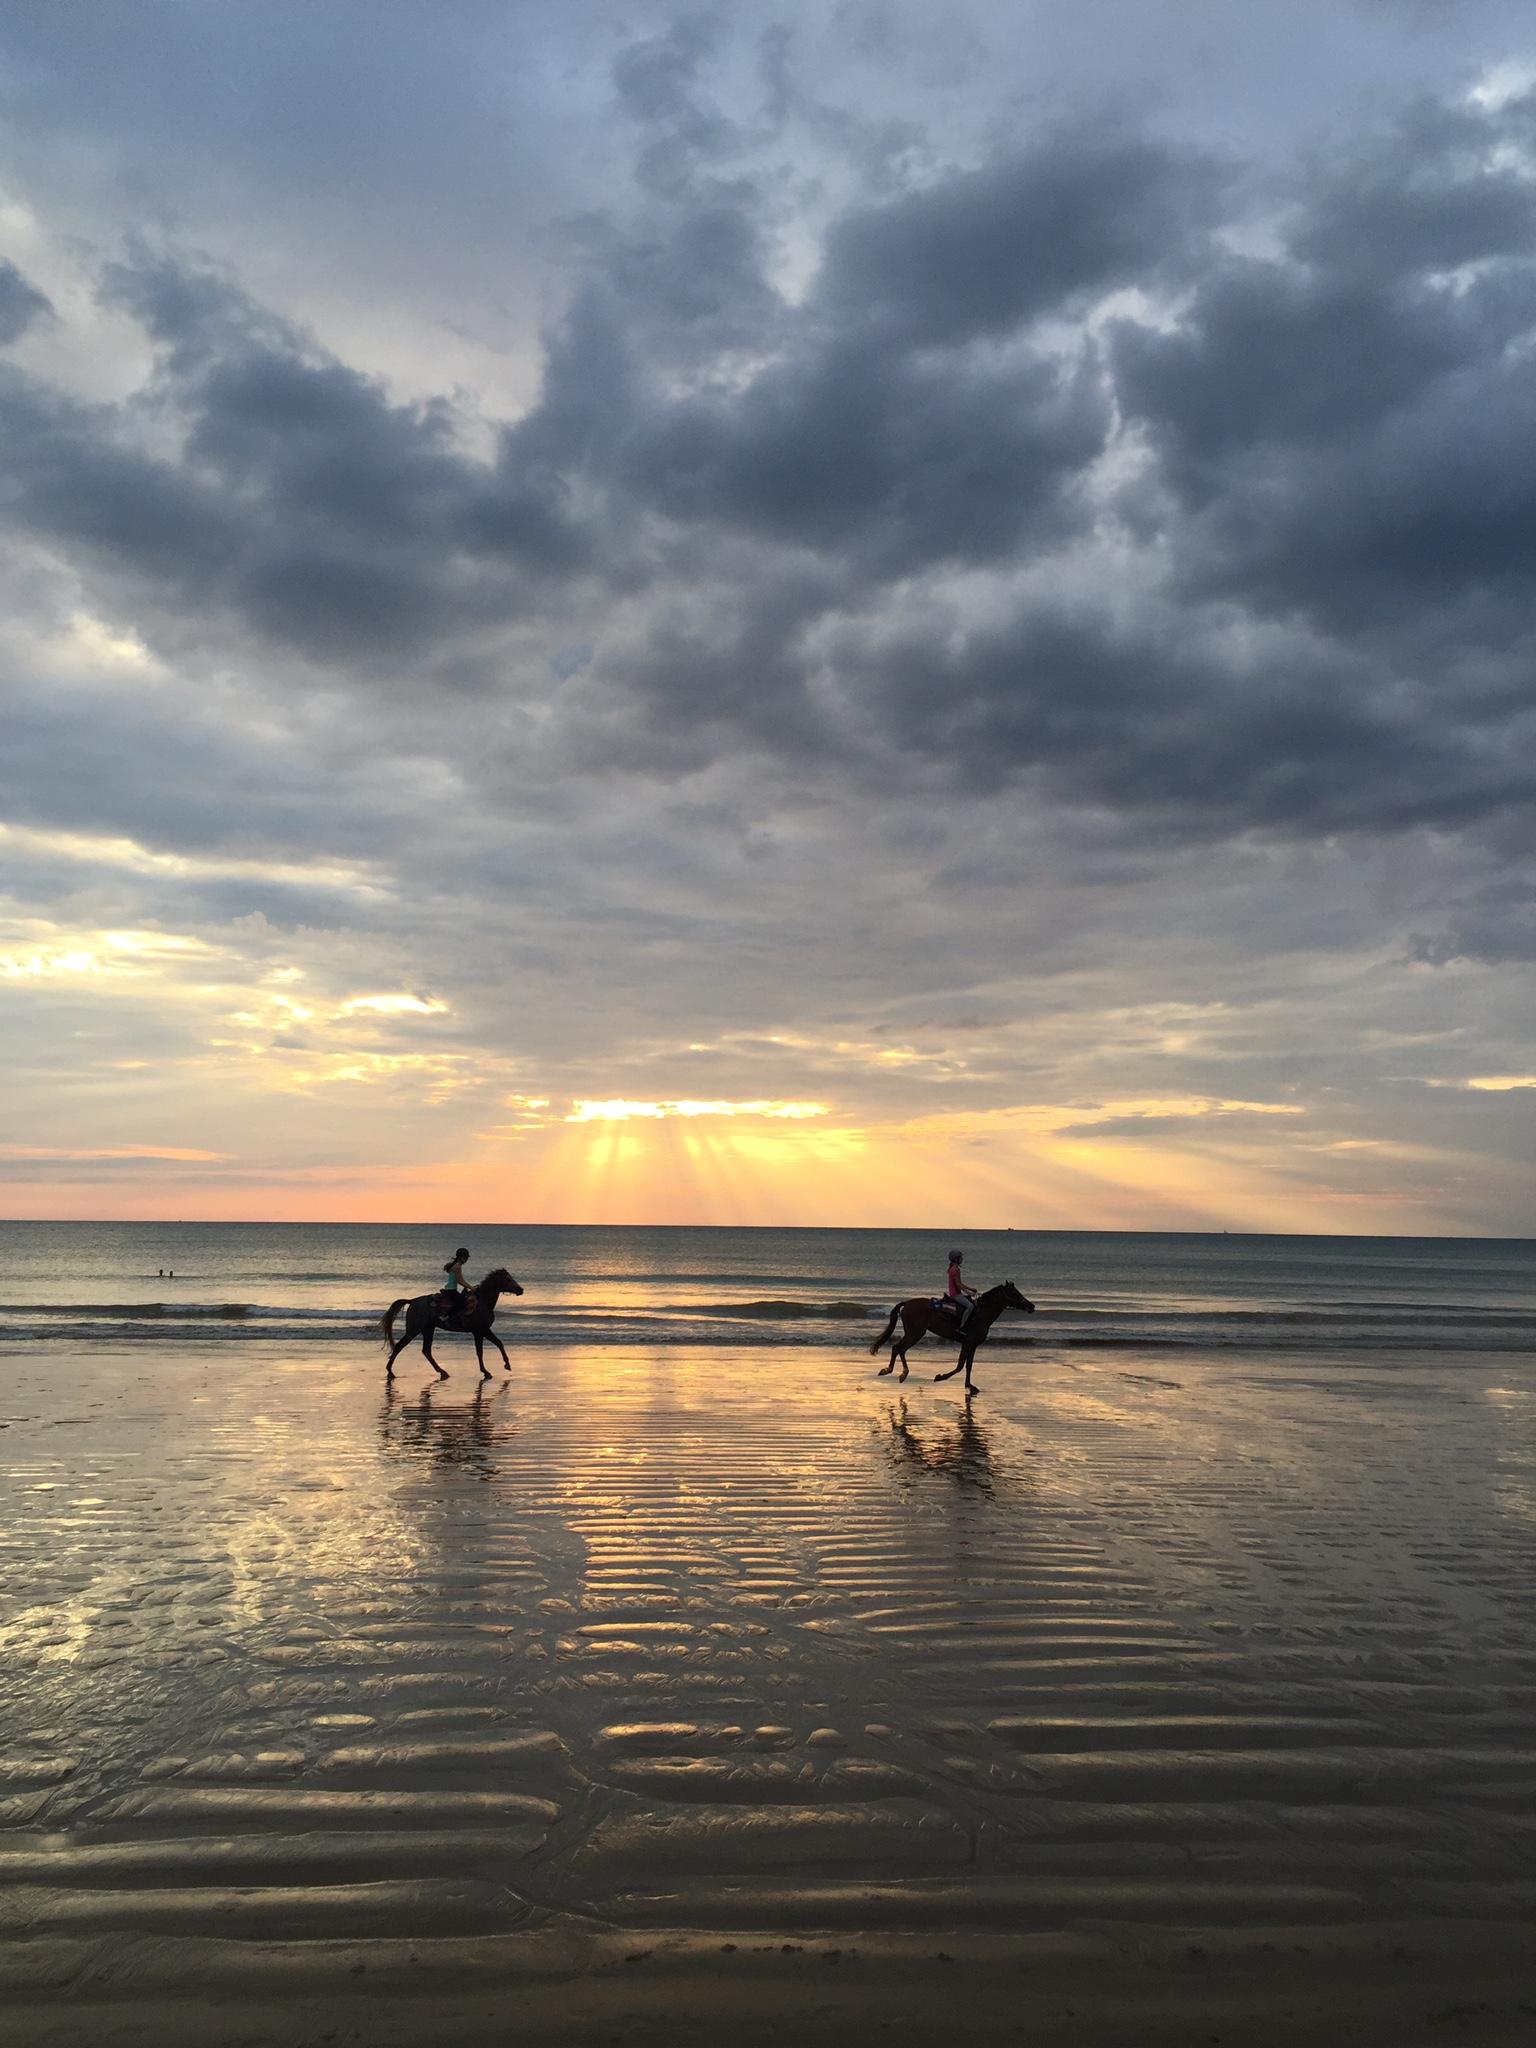 Promenade équestre au bord de l'océan